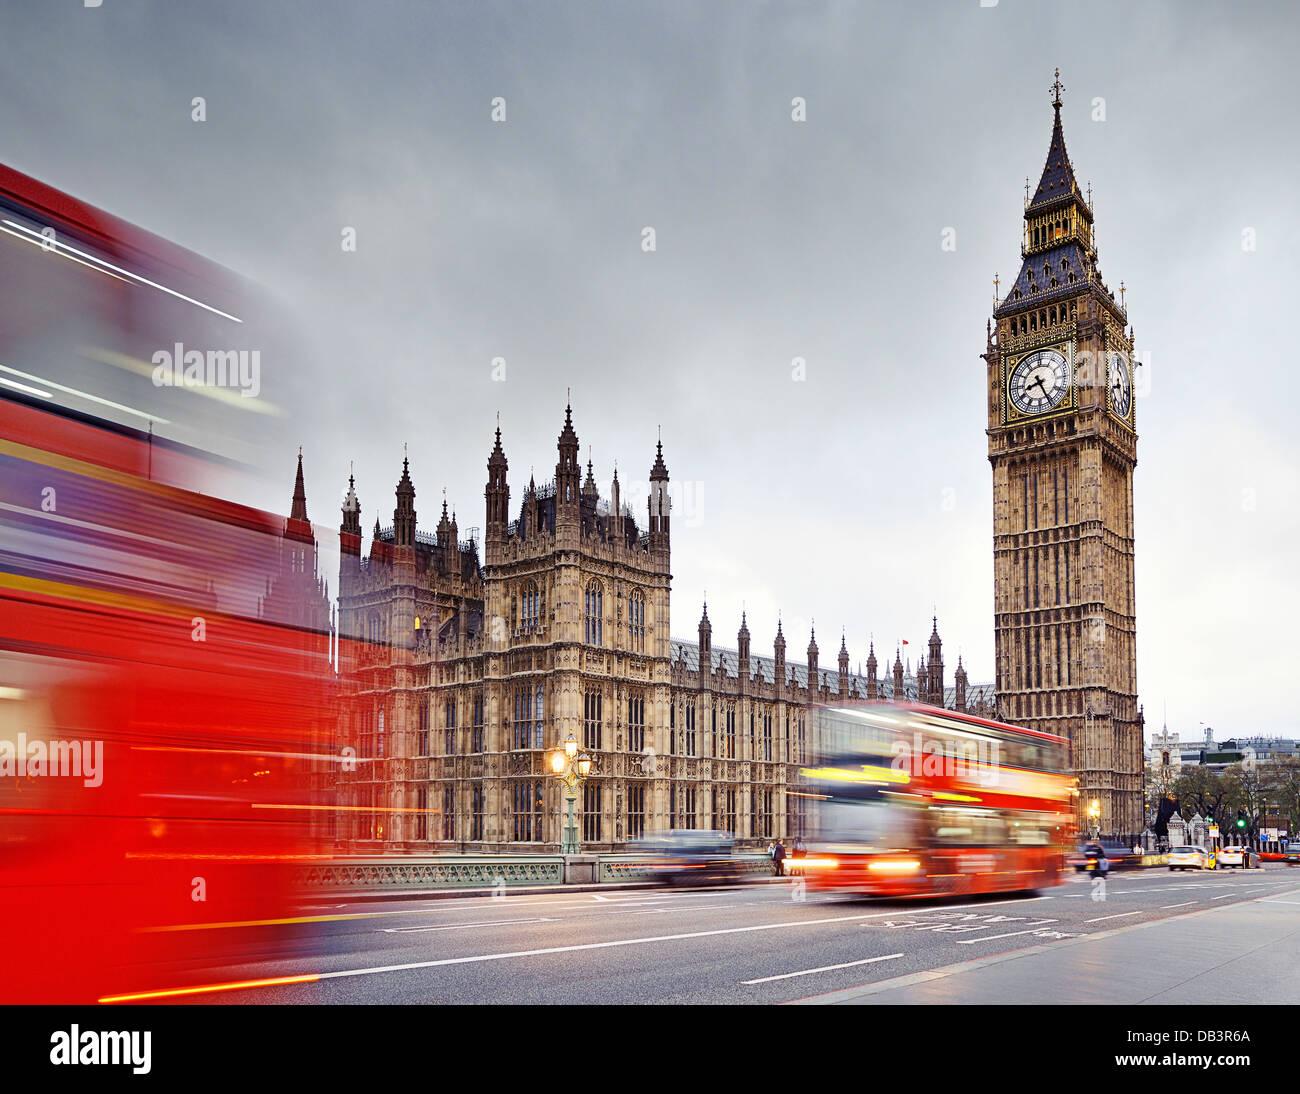 Londra, il Big Ben e il parlamento di Westminster Bridge. Inghilterra, Regno Unito. Immagini Stock